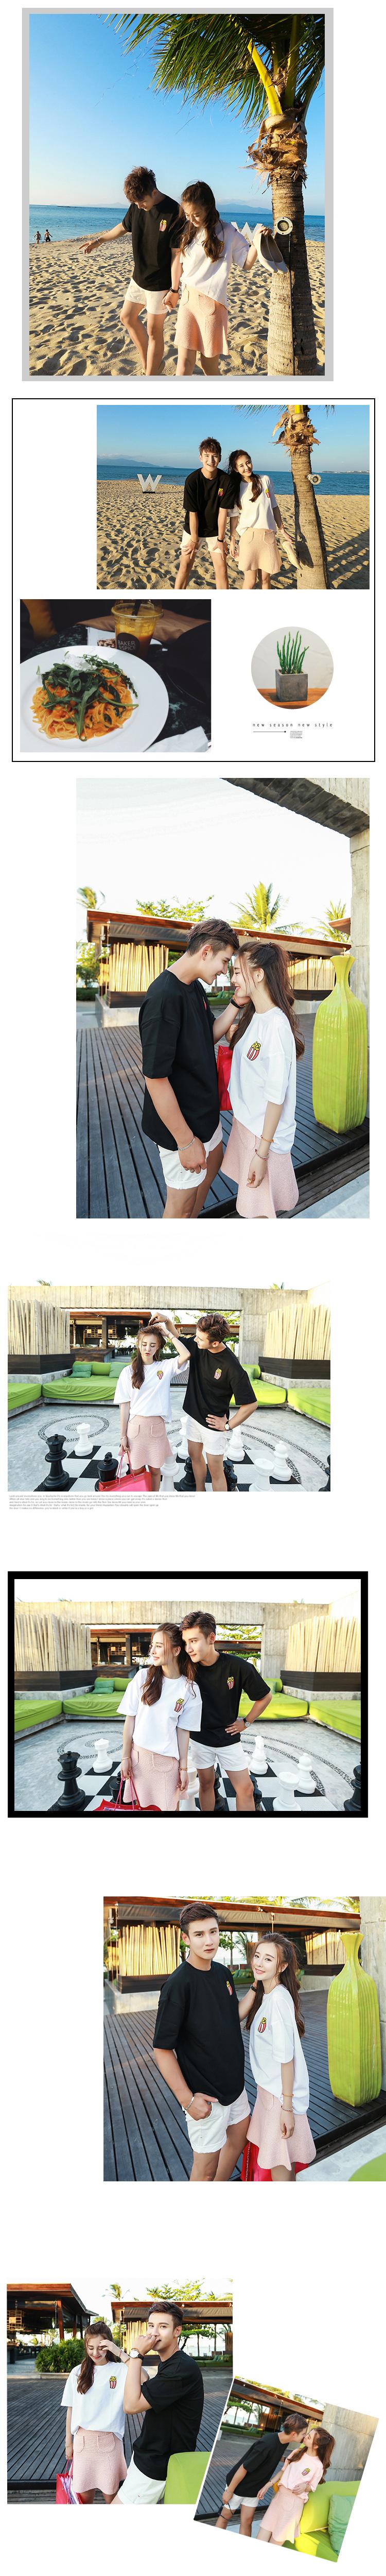 ◆快速出貨◆T恤.情侶裝.班服.MIT台灣製.獨家配對情侶裝.客製化.純棉短T.左胸彩條爆米花【Y0331】可單買.艾咪E舖